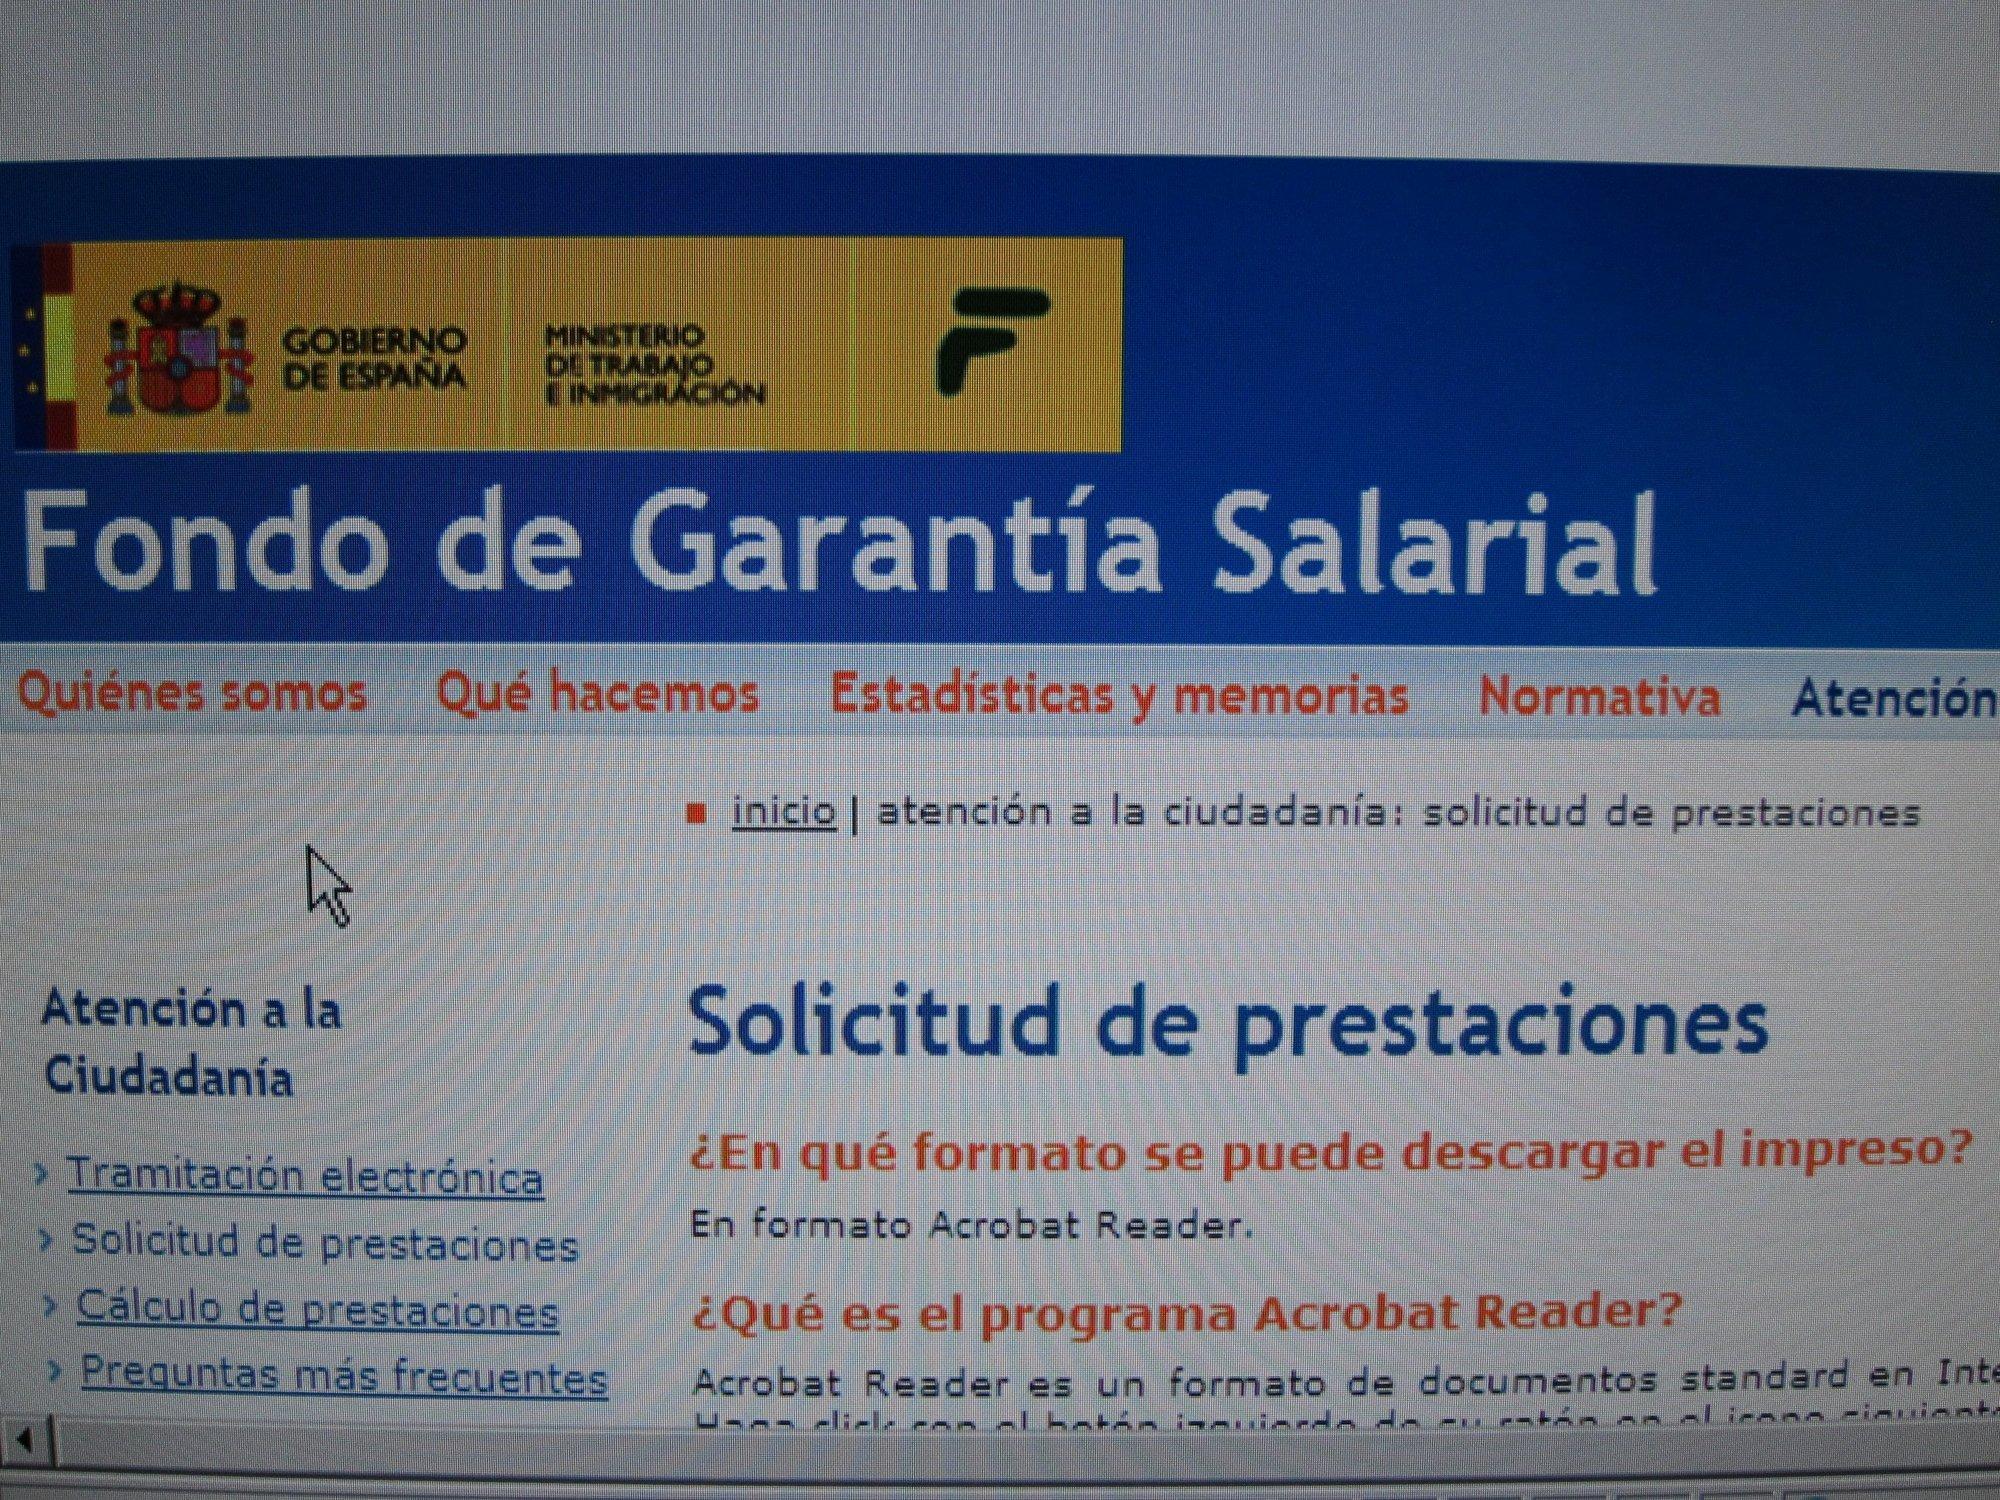 El gasto del Fogasa en prestaciones se situó en 3,5 millones en Extremadura hasta febrero